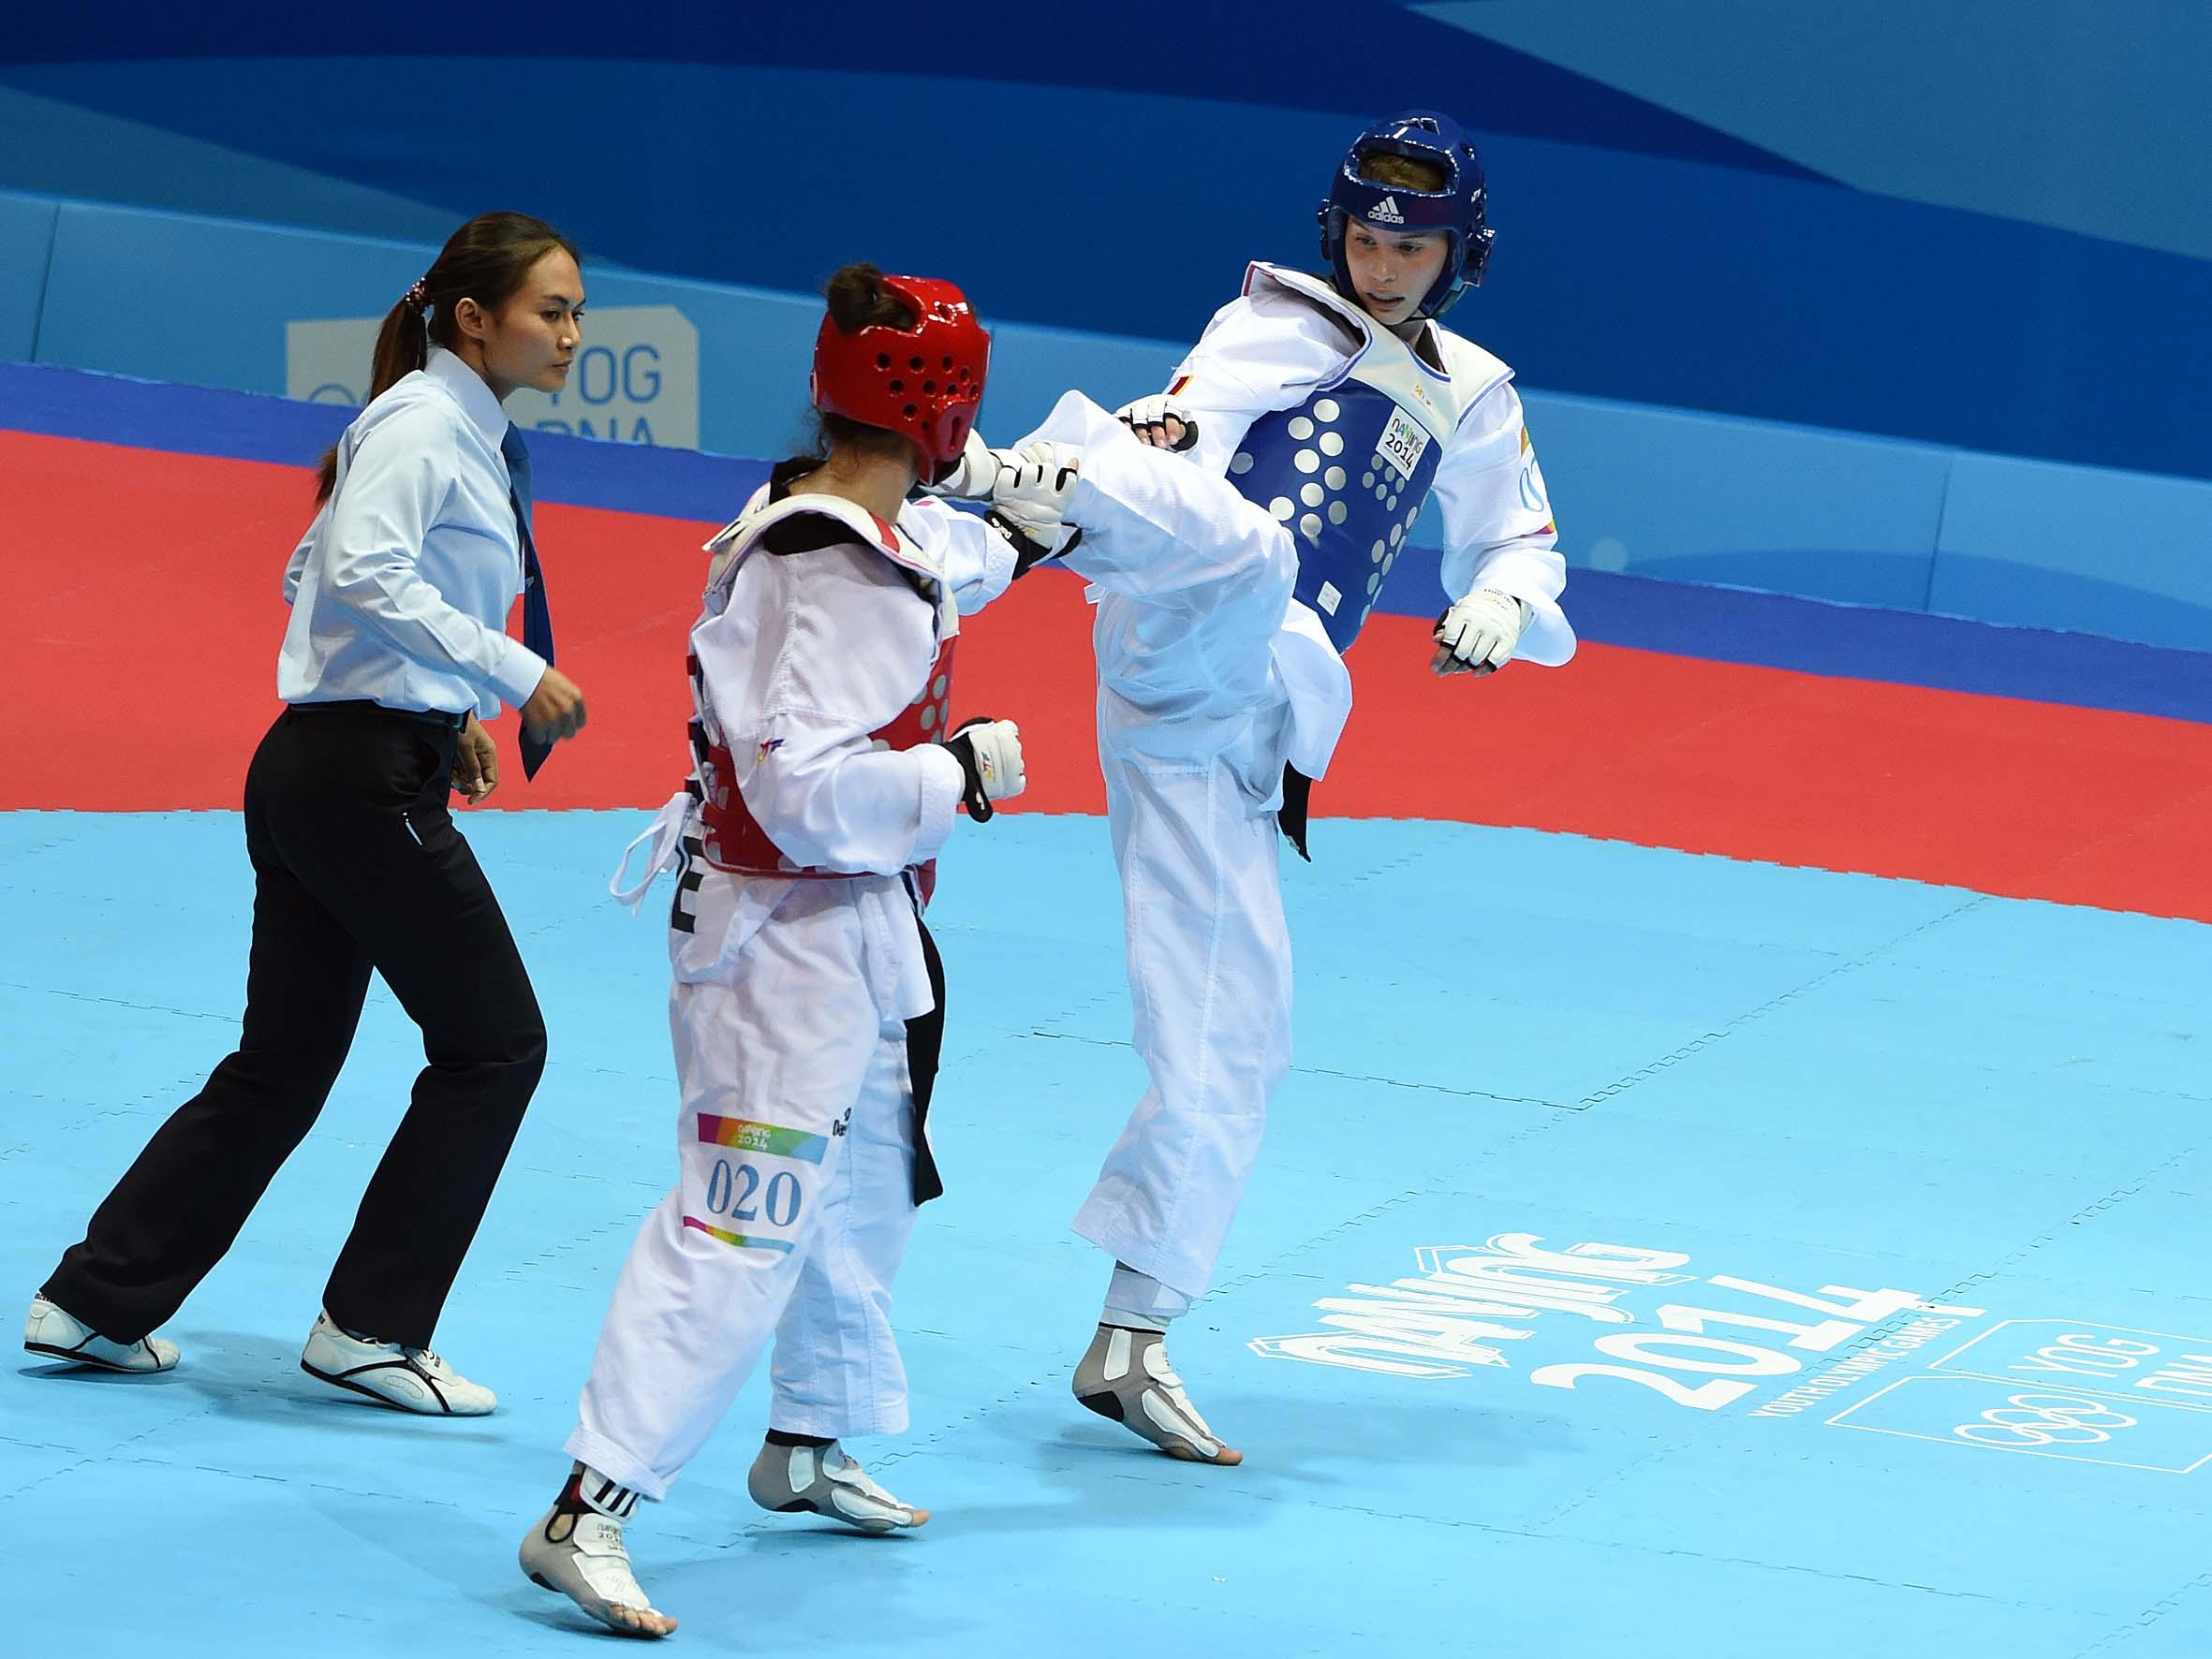 Taekwondo-55 Kg Donne 06